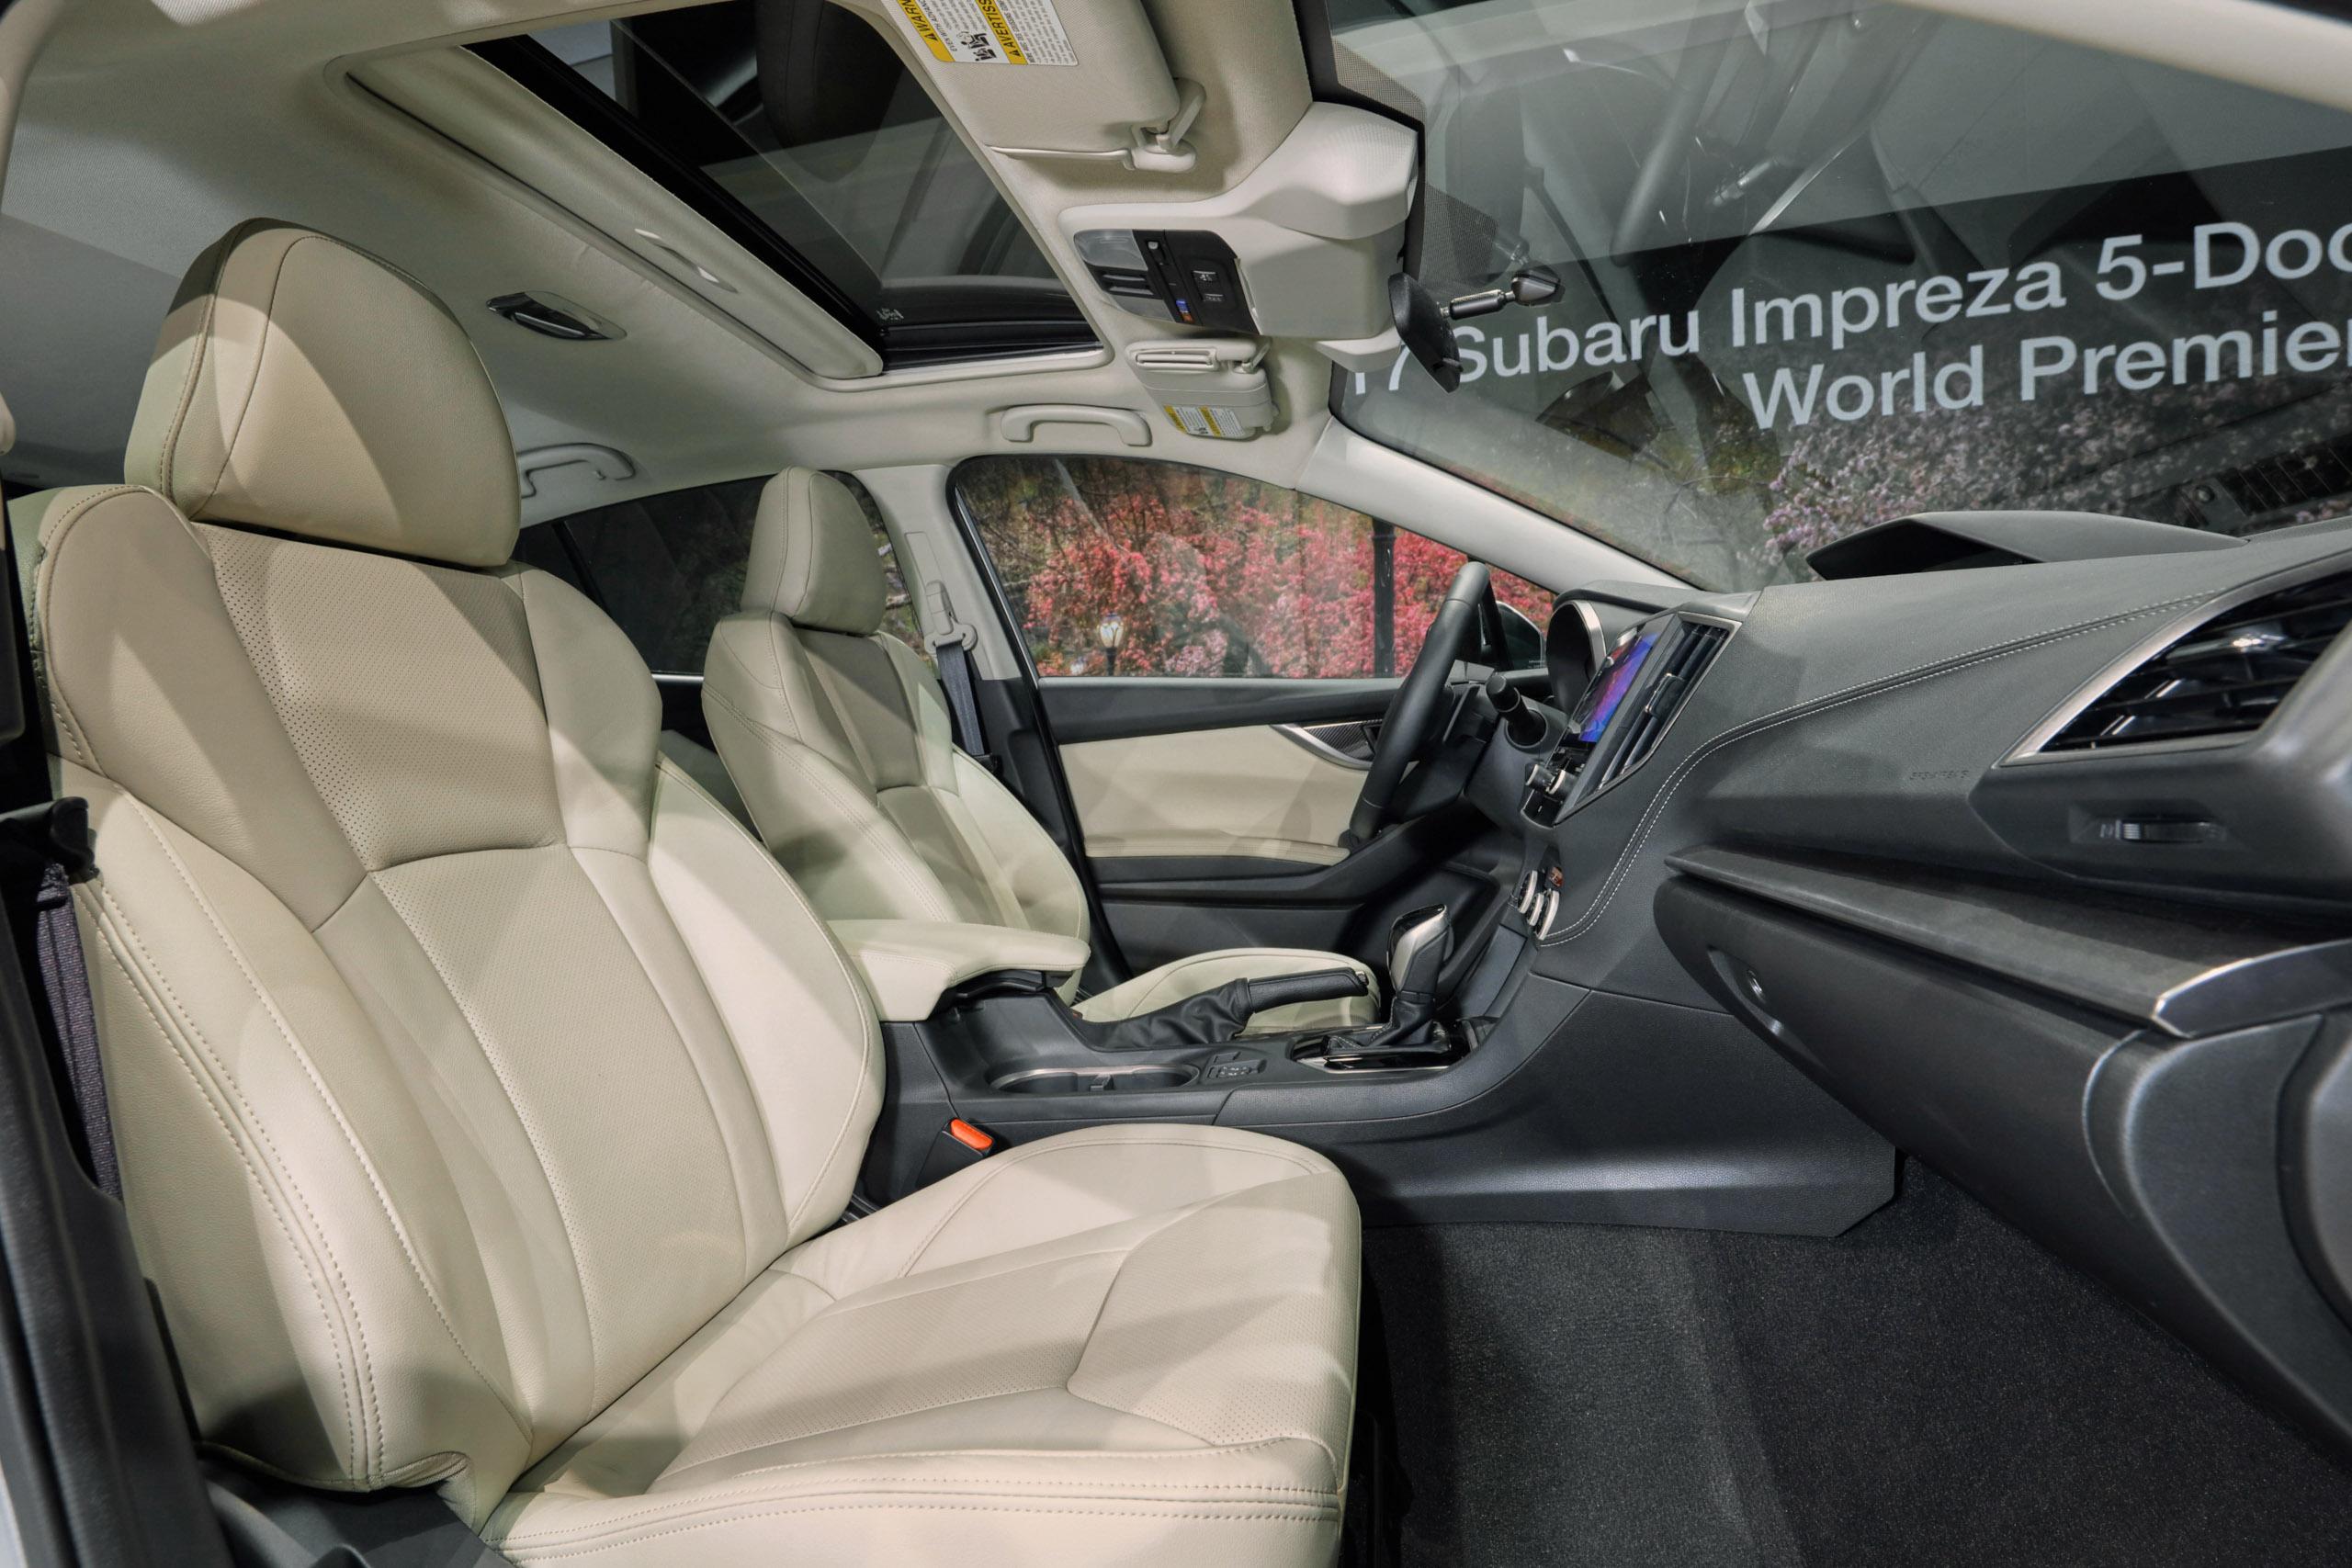 2017 Subaru Impreza sedan and hatch go live in NY Image 465849